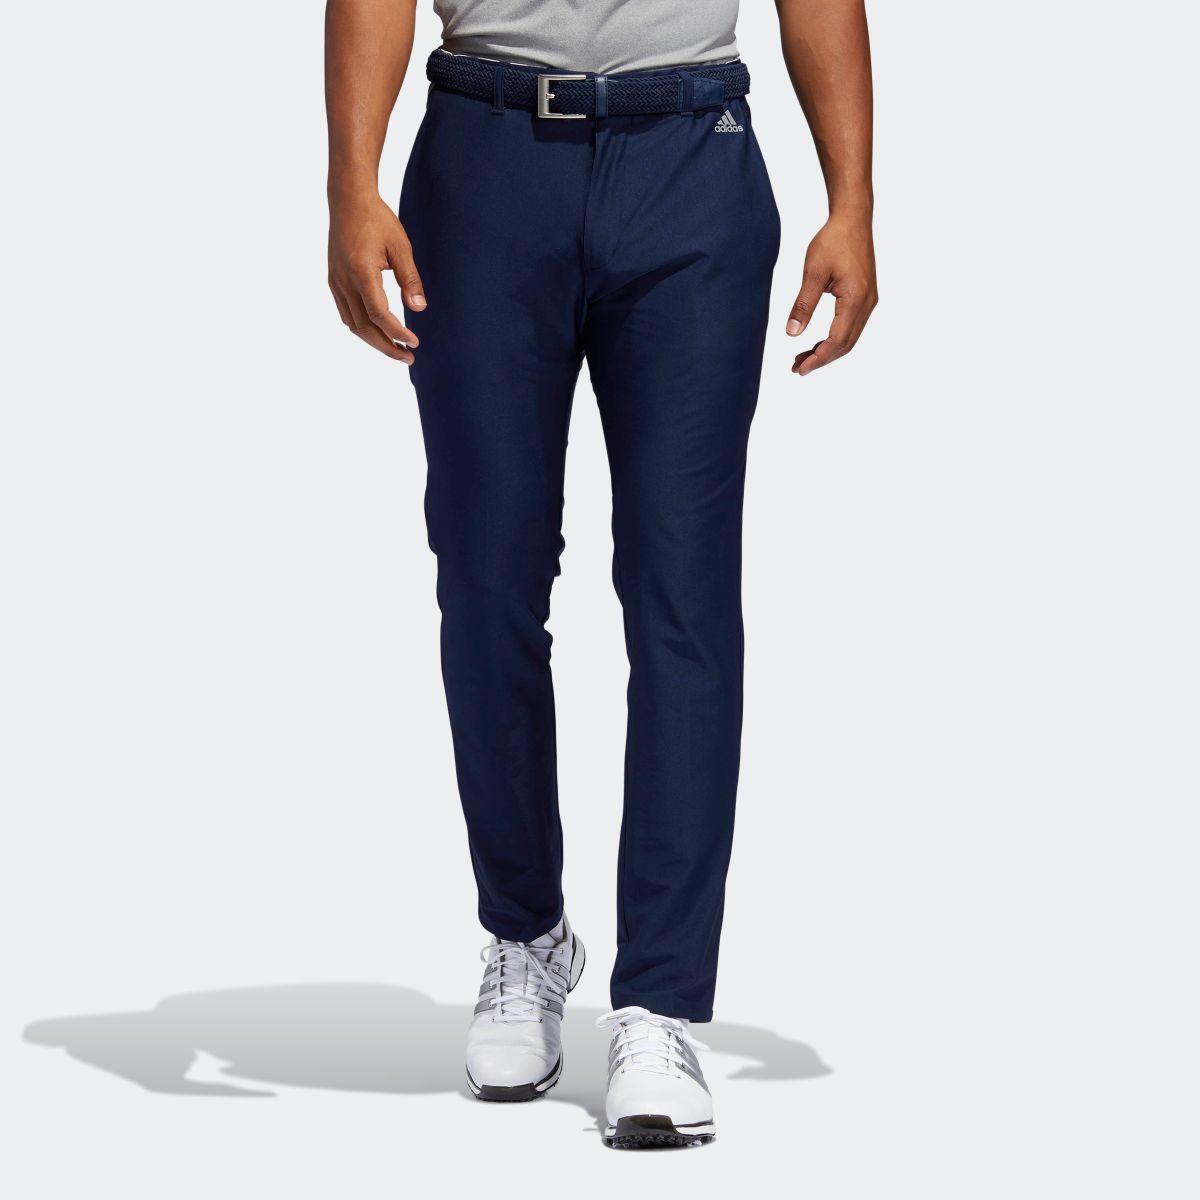 【公式】アディダス adidas アルティメット365 テーパードパンツ 【ゴルフ】 メンズ DT3573 ゴルフ ウェア ボトムス